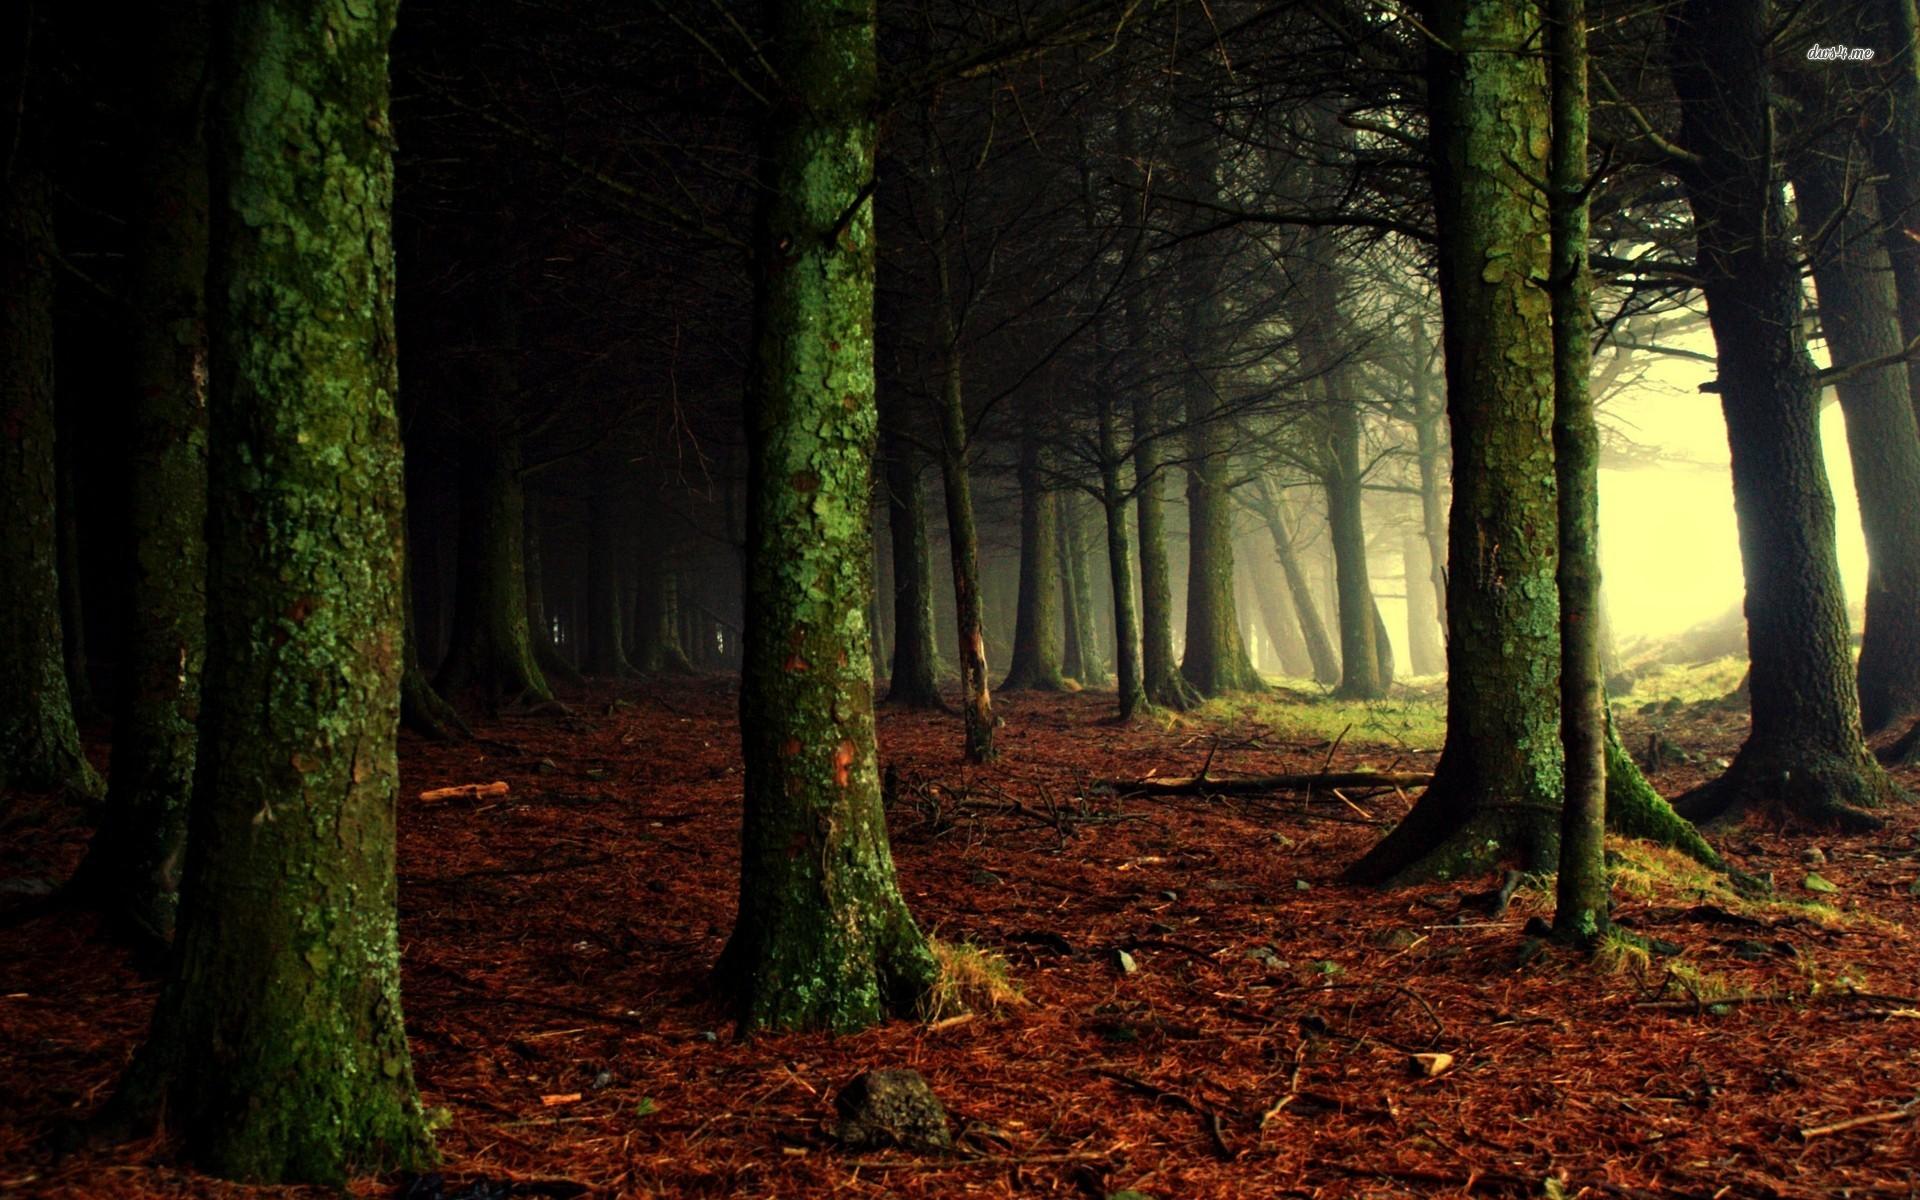 Foggy Fall Wallpaper Hd Dark Woods Backgrounds Pixelstalk Net